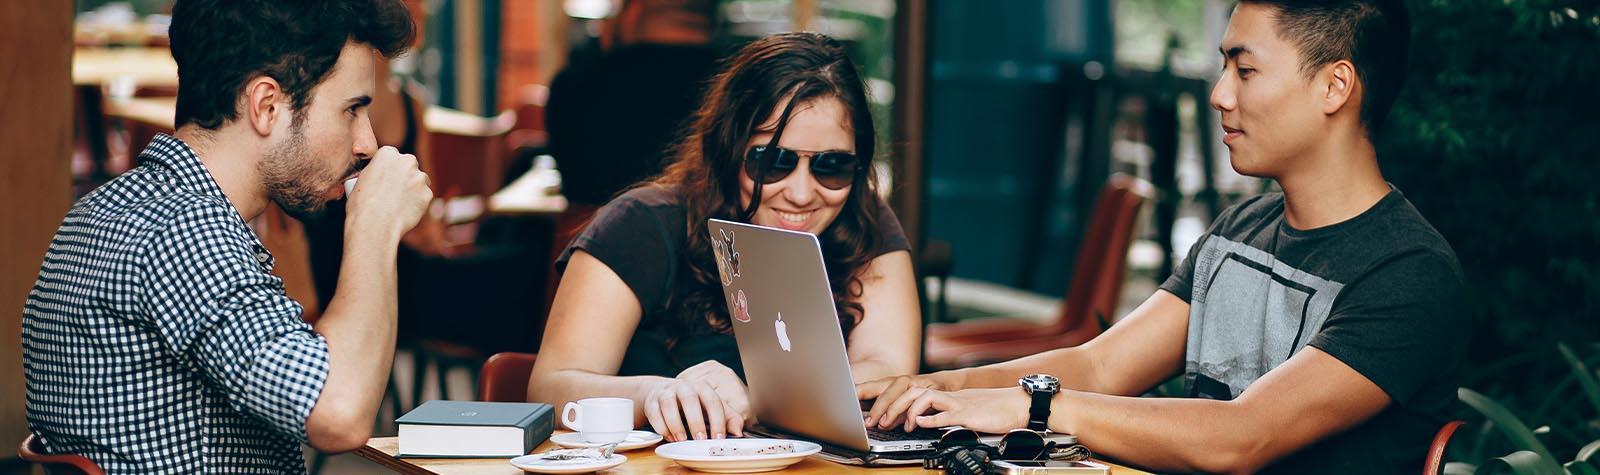 Hoe gebruik je openbaar WiFi veiliger?